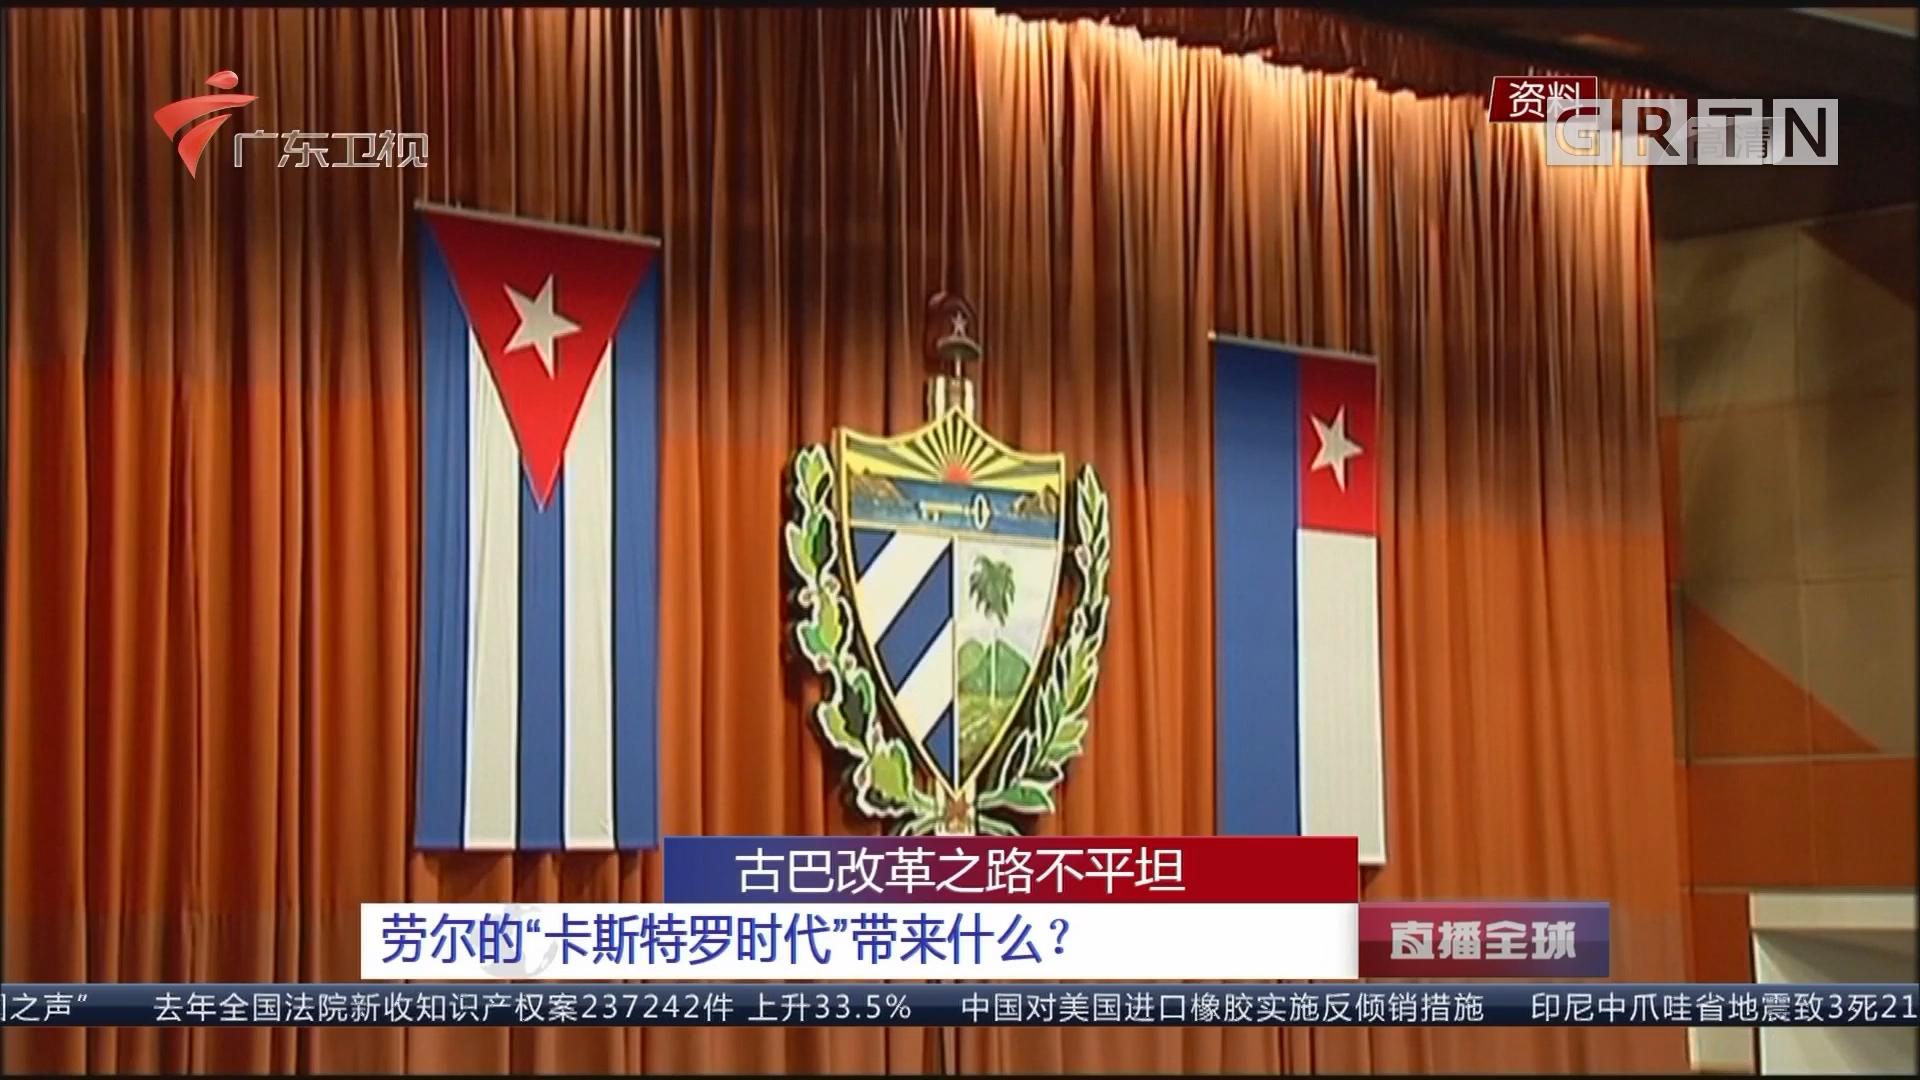 古巴改革之路不平坦 劳尔·卡斯特罗仍是最具权力的领导人